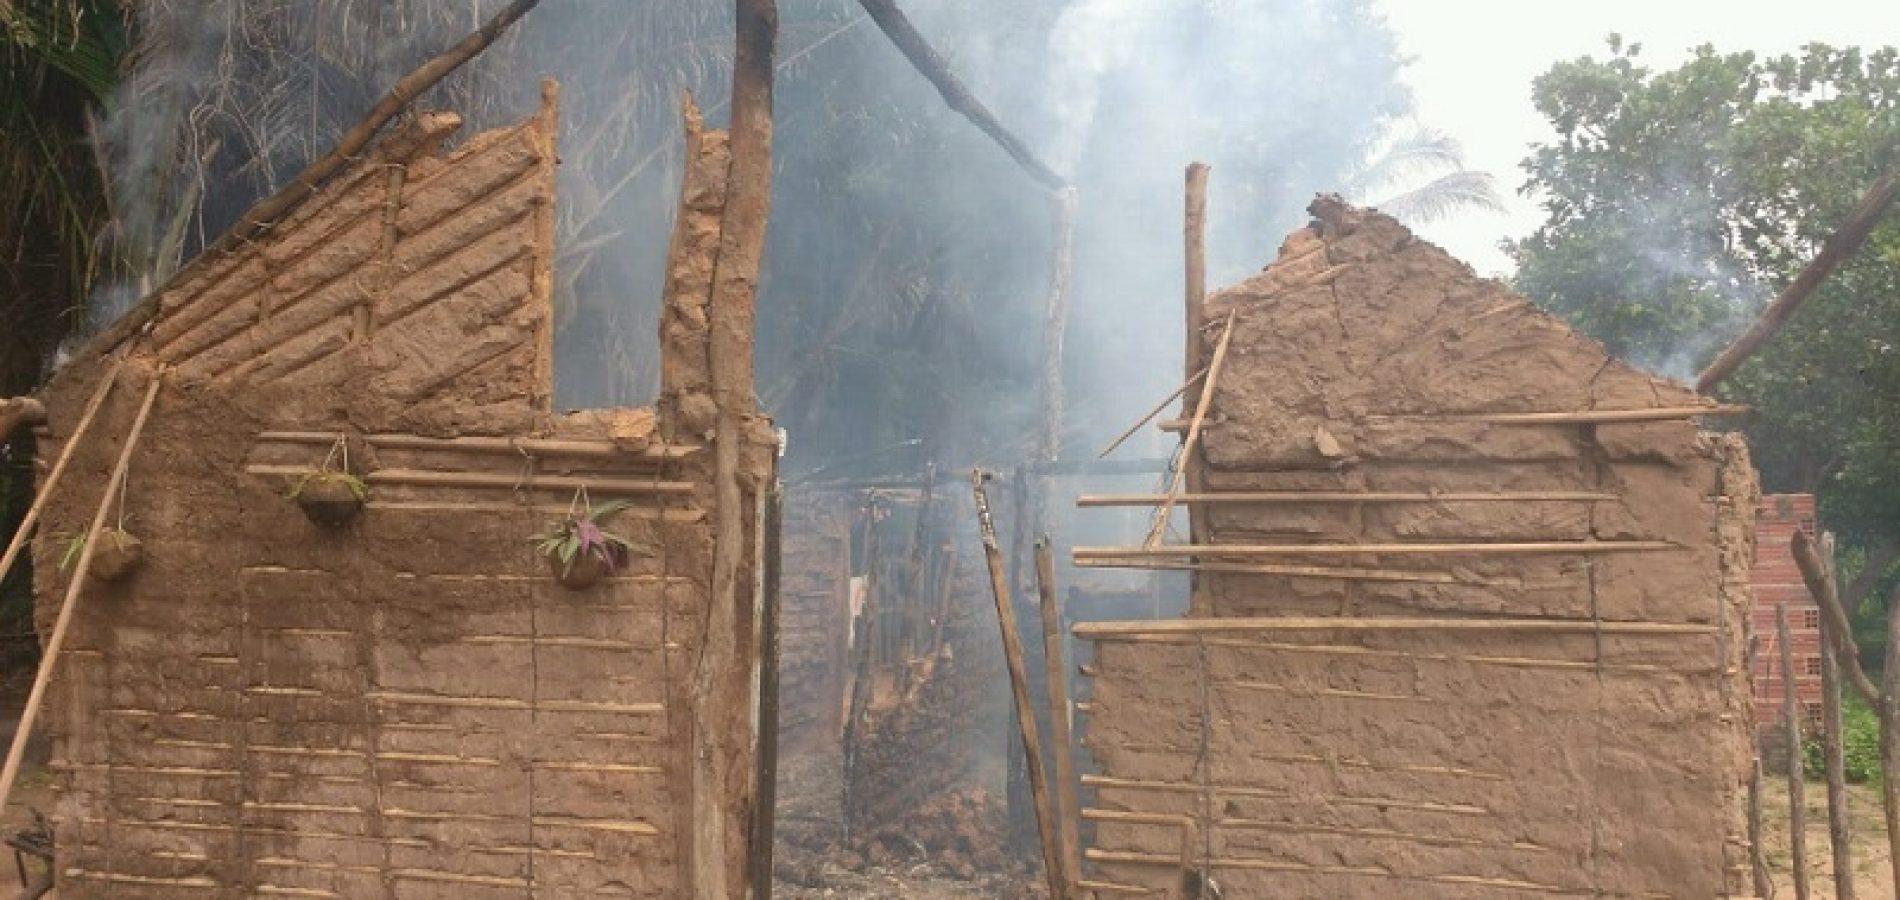 Homem é preso suspeito de atear fogo em casa com sua esposa e filhos dentro